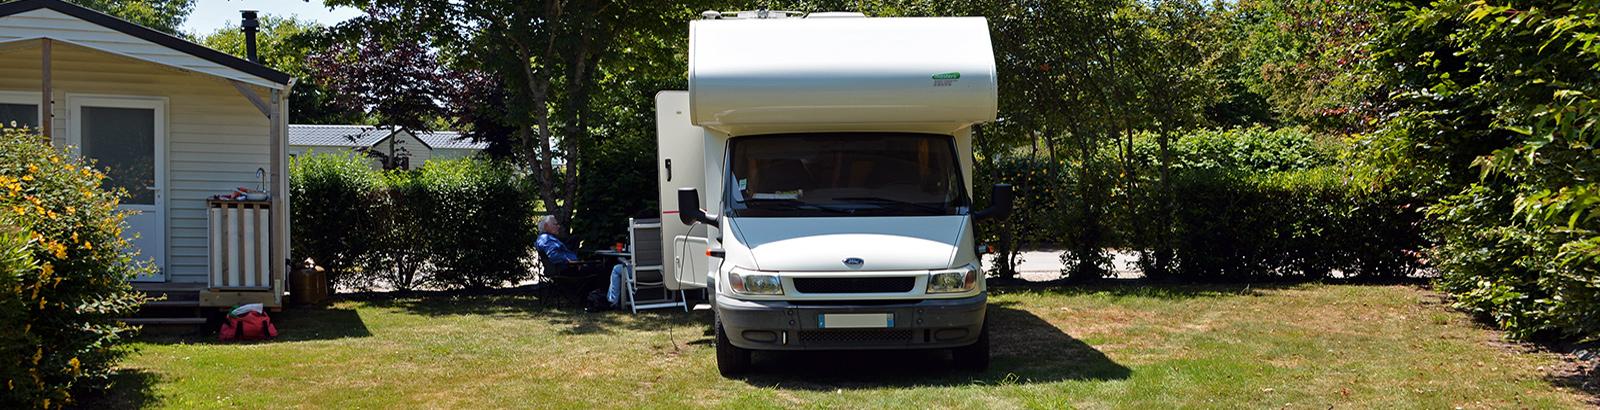 Tout le confort en camping